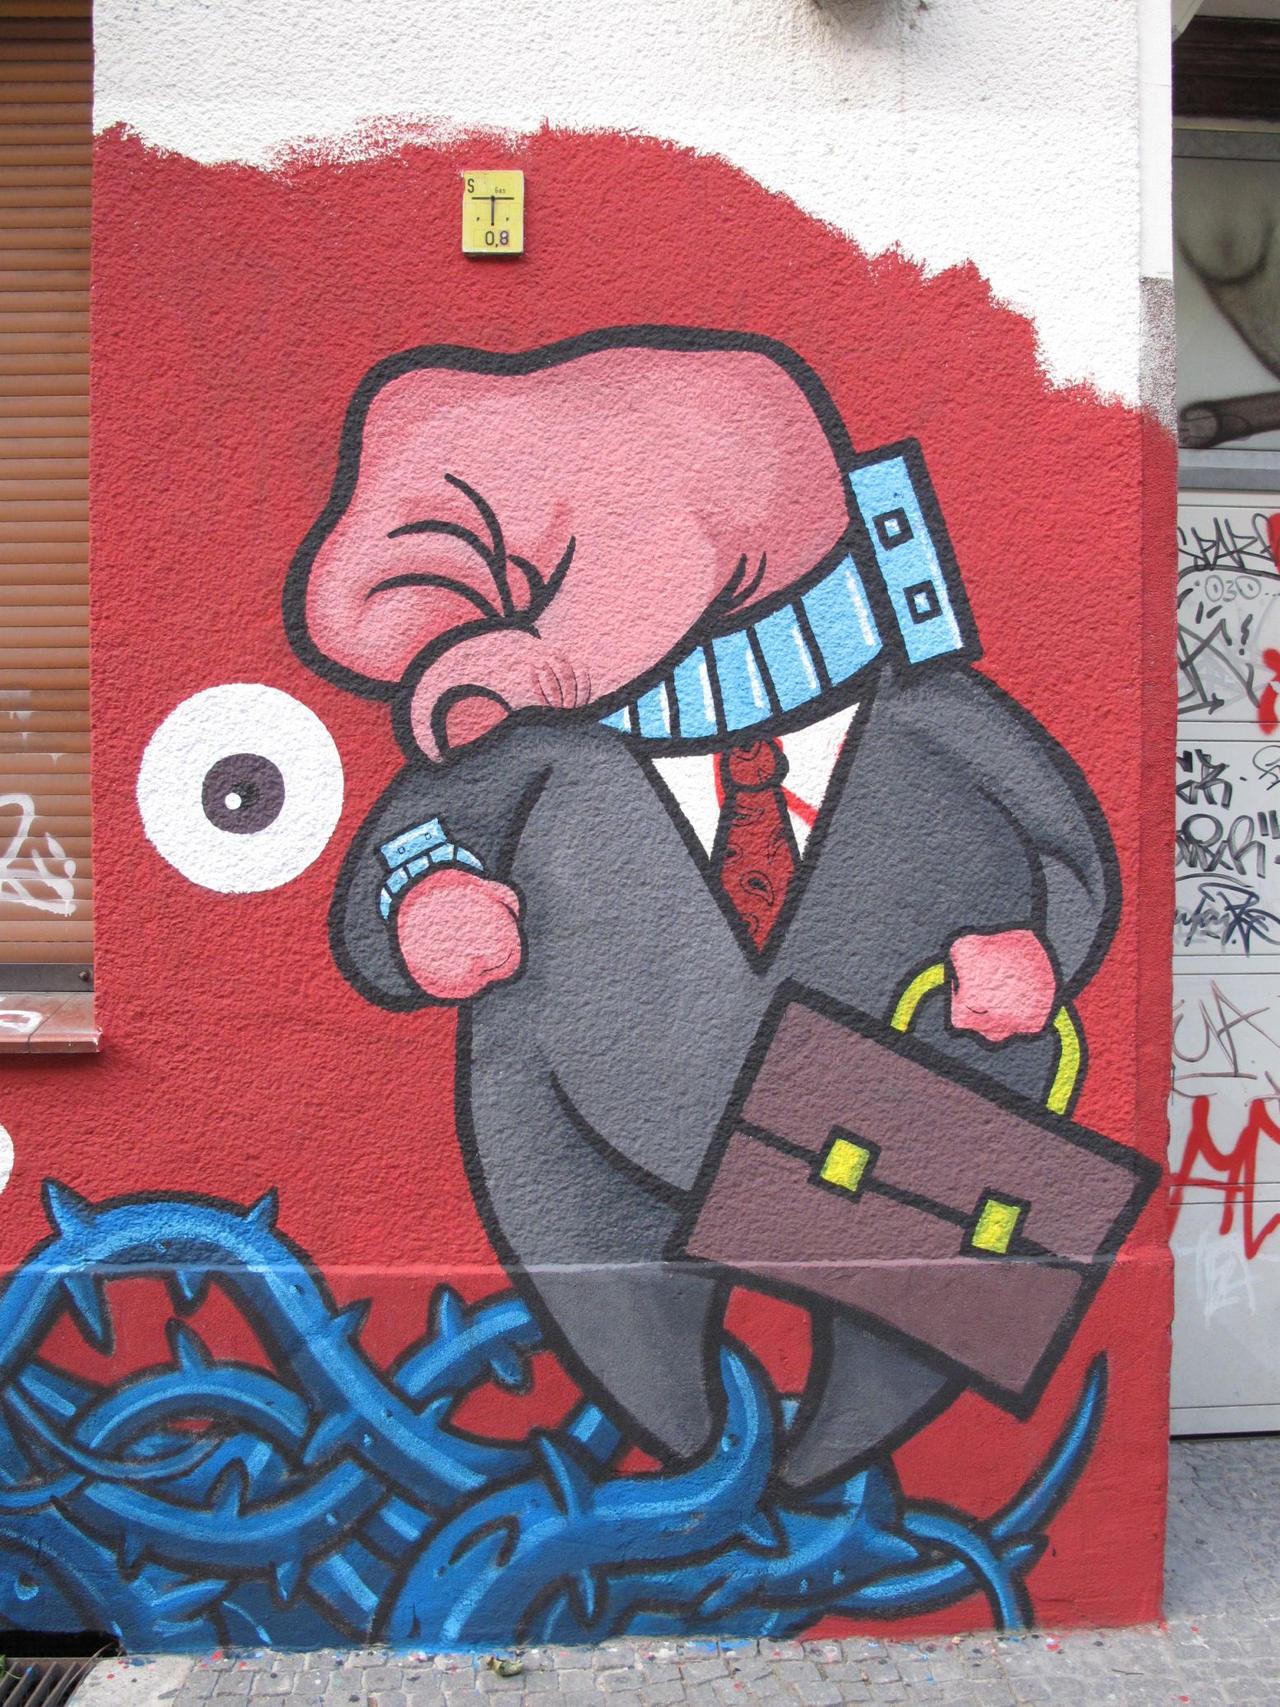 SLAVES, mural in Berlin by Sadboy-Elchicotriste